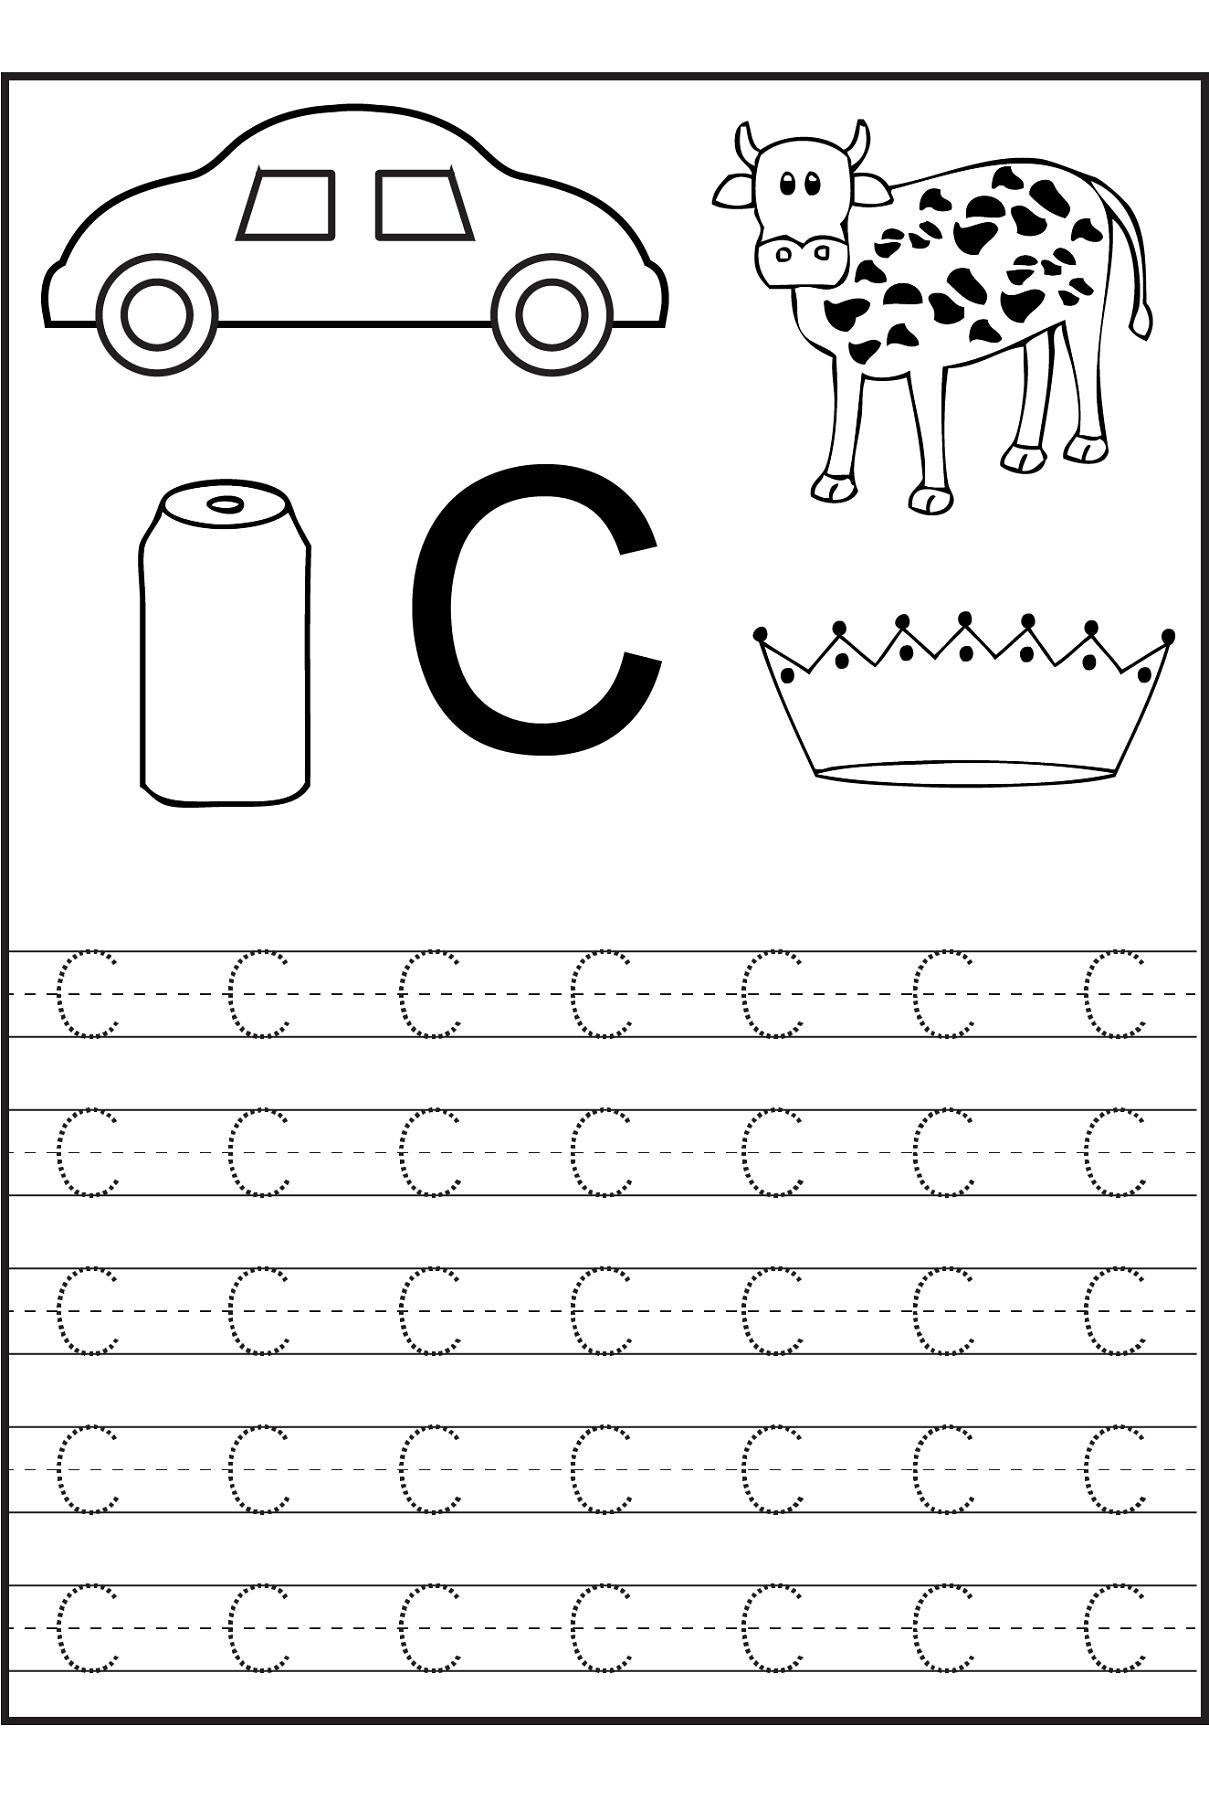 Letter C Worksheets For First Grade